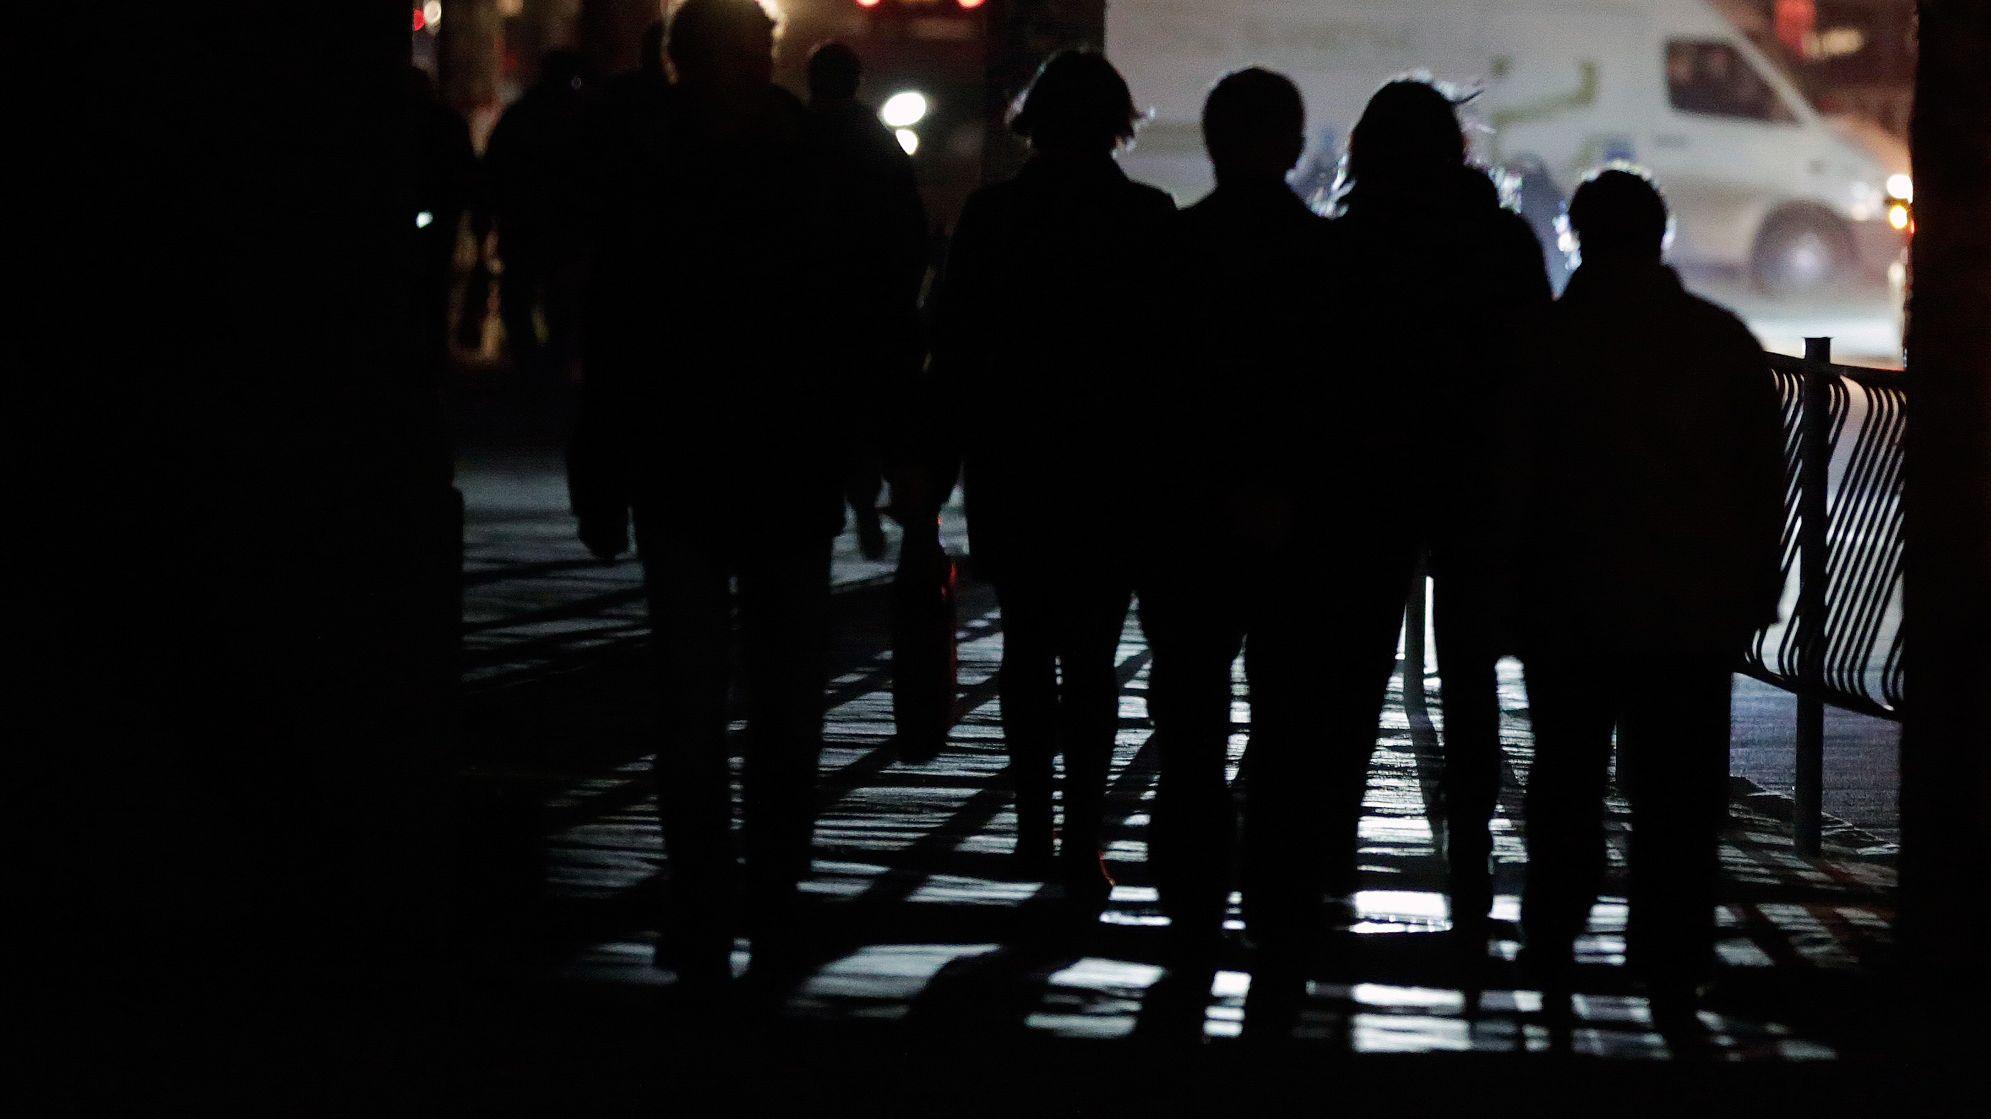 ウクライナ大規模停電は序章、サイバー攻撃が狙う次の標的は?